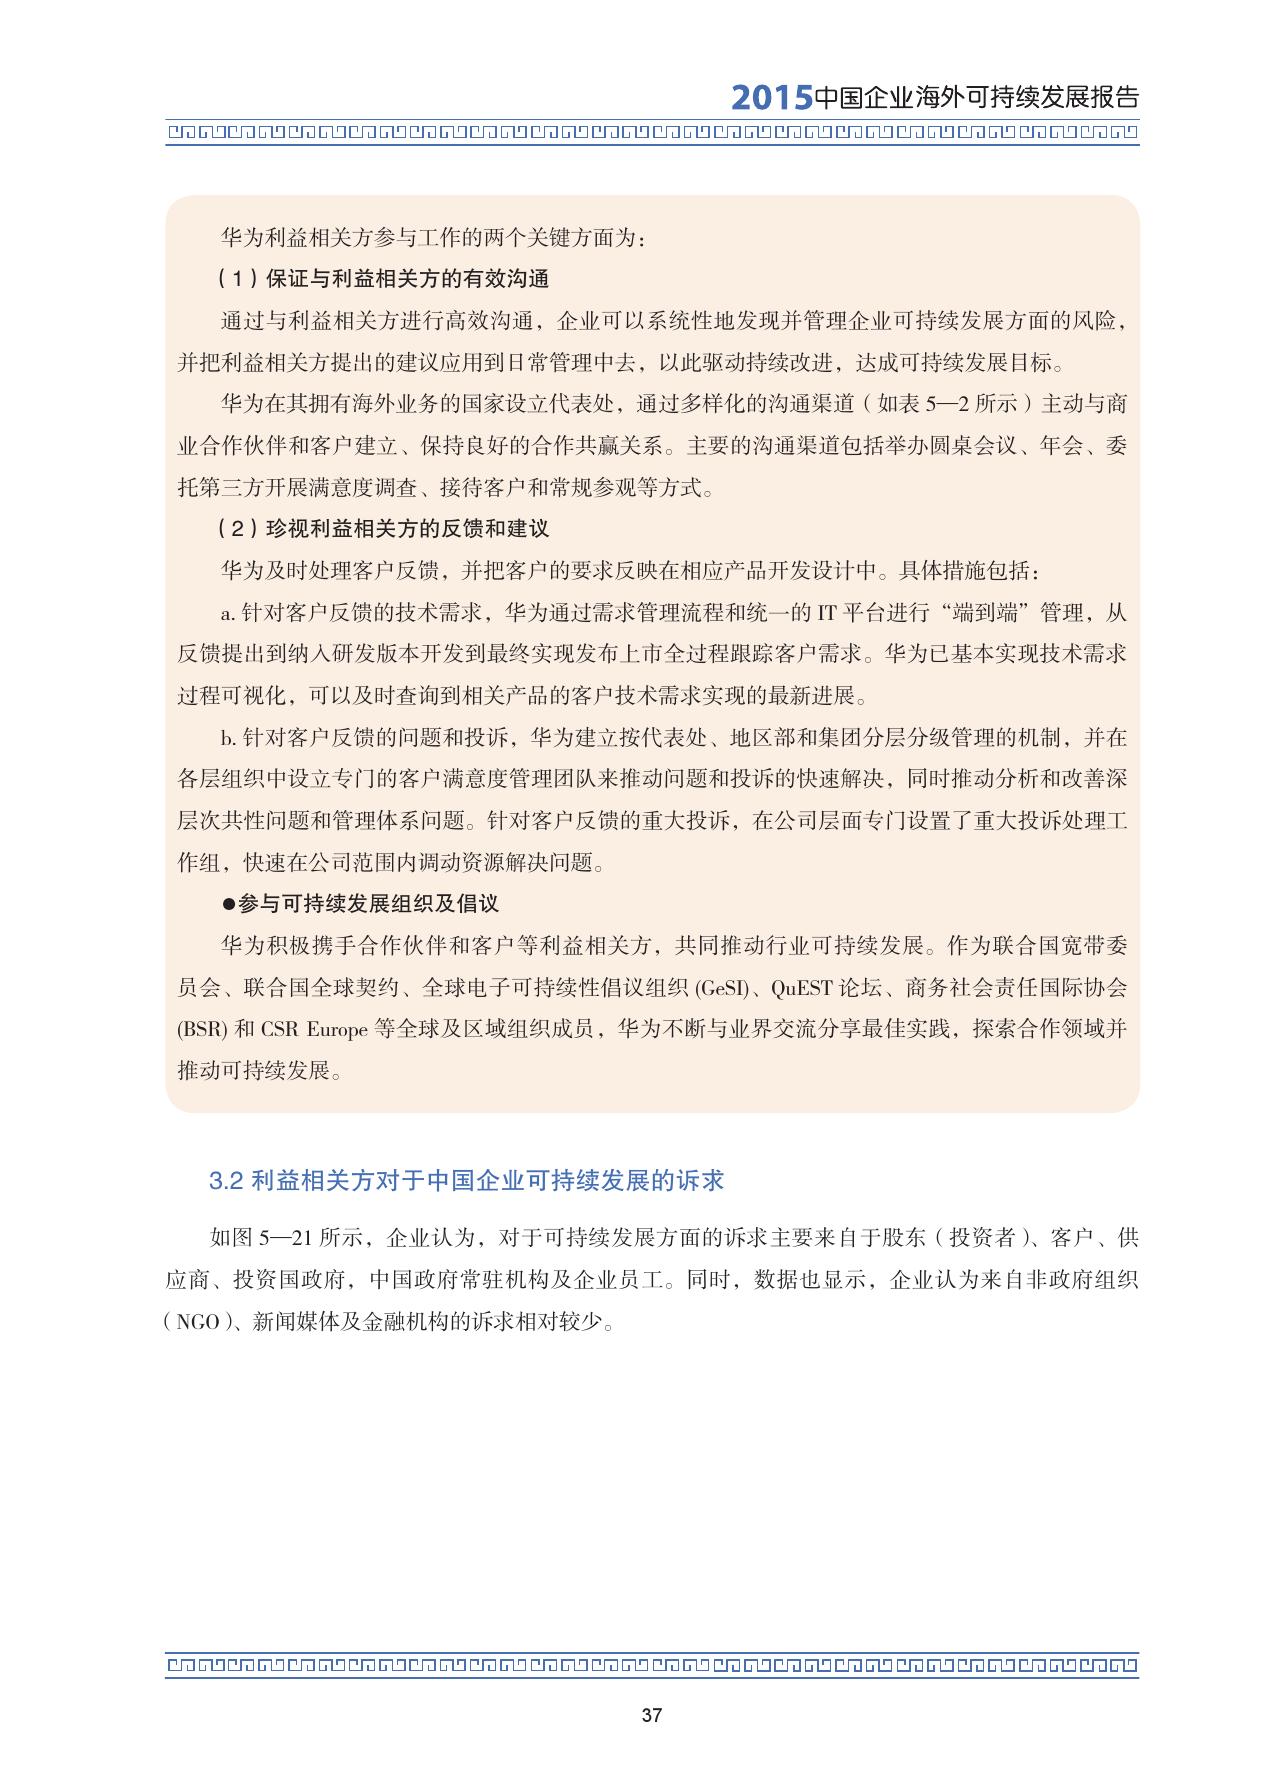 2015中国企业海外可持续发展报告_000051